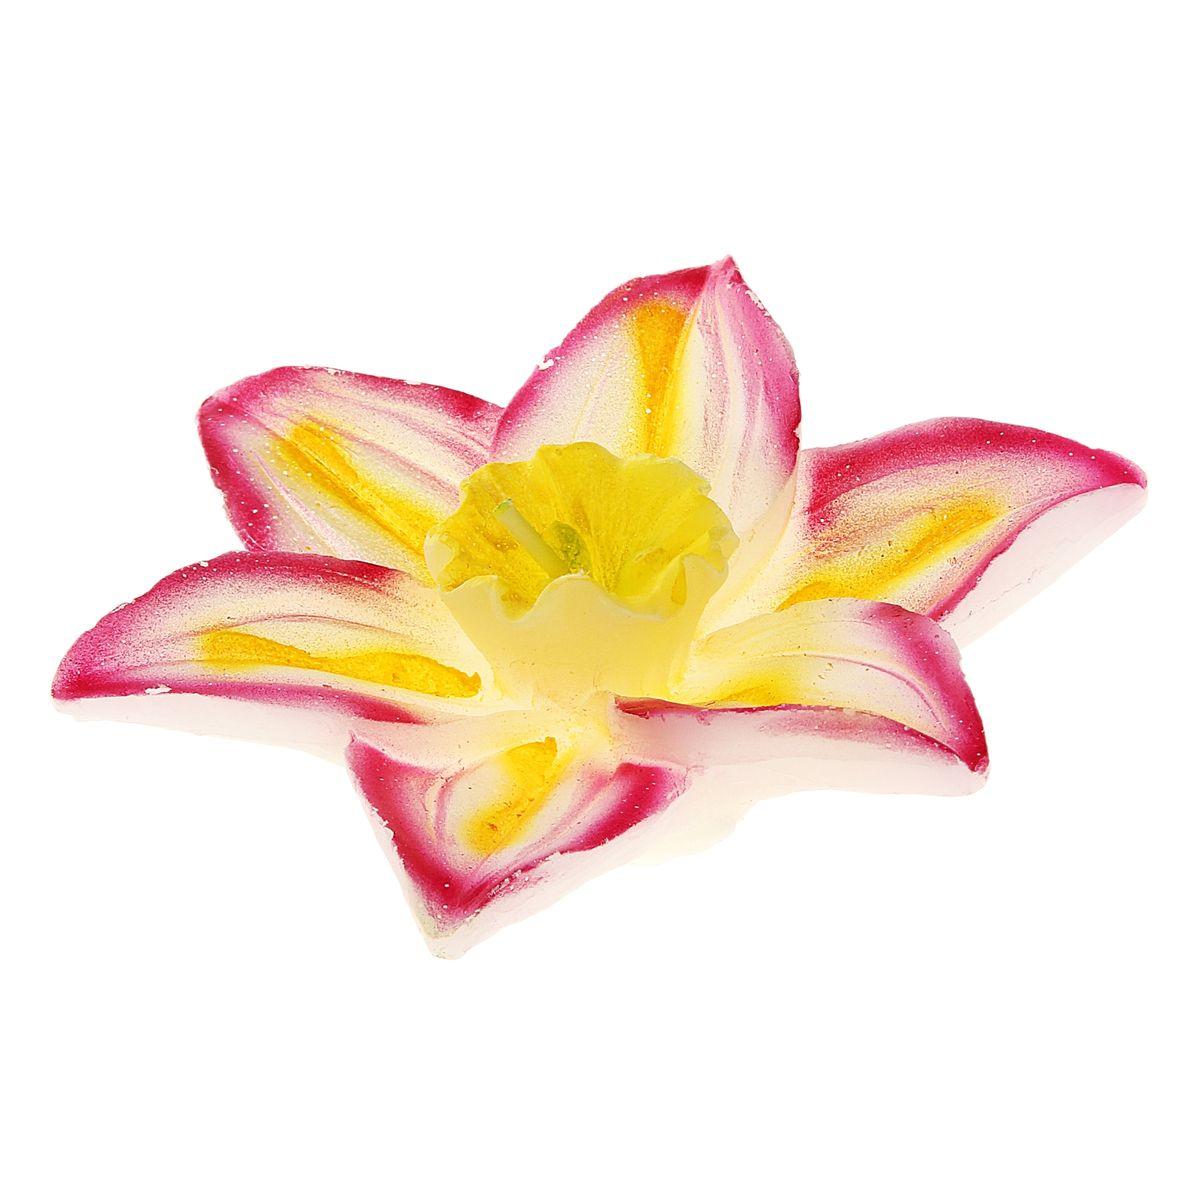 Свеча Sima-land Лилия, плавающая, 10 х 10 х 3 см 829247829247Плавающая свеча Sima-land Лилия выполнена из воска и виде цветка лилии. Такая свеча станет не только украшением любого интерьера, но и отличным подарком. Свеча Sima-land Лилия создаст незабываемую атмосферу, будь то торжество, романтический вечер или будничный день. Опускайте свечу в красивую хрустальную вазу с водой, зажгите и любуйтесь. Размер свечи: 10 см х 10 см х 3 см.